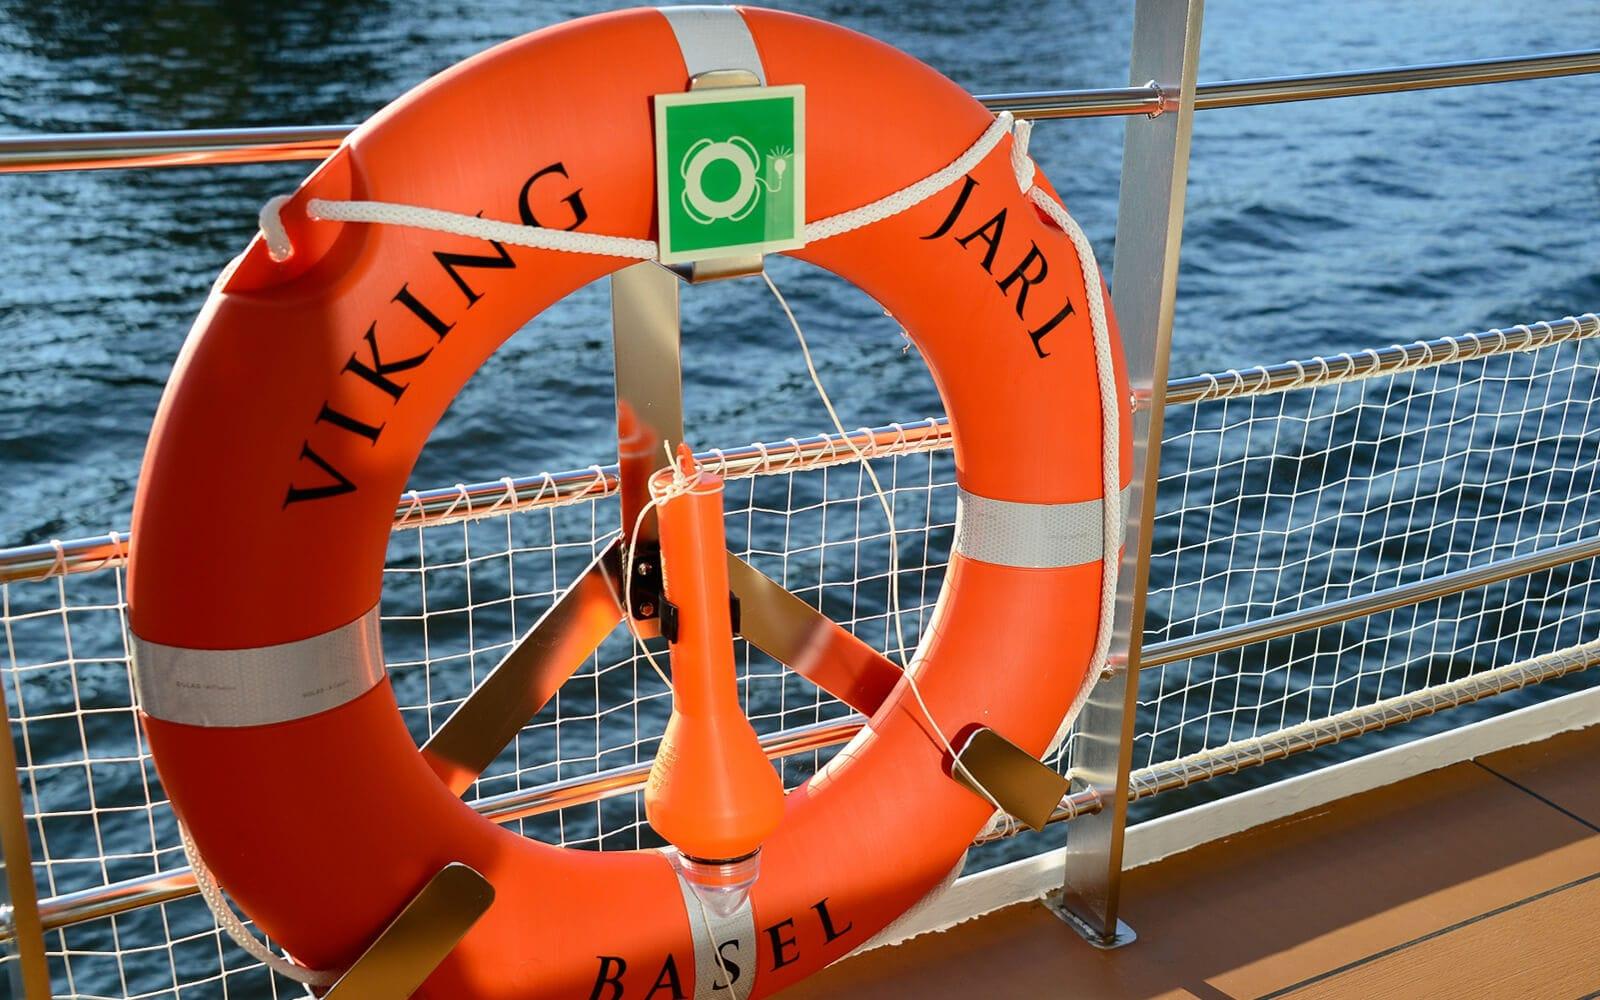 Rettungszeichen Schiffe